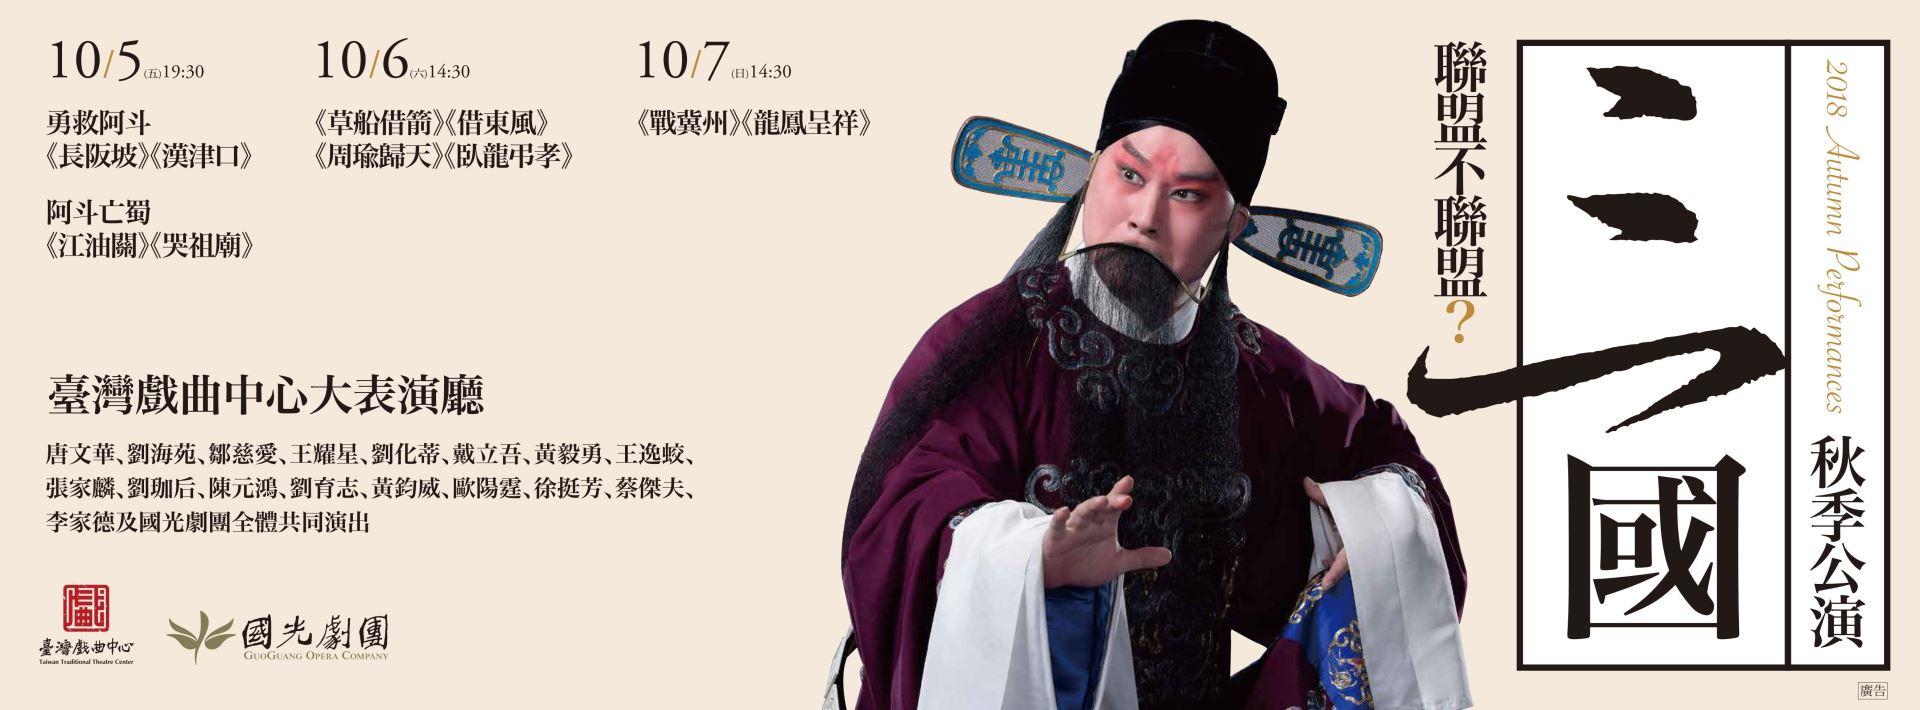 秋季國光劇團官網